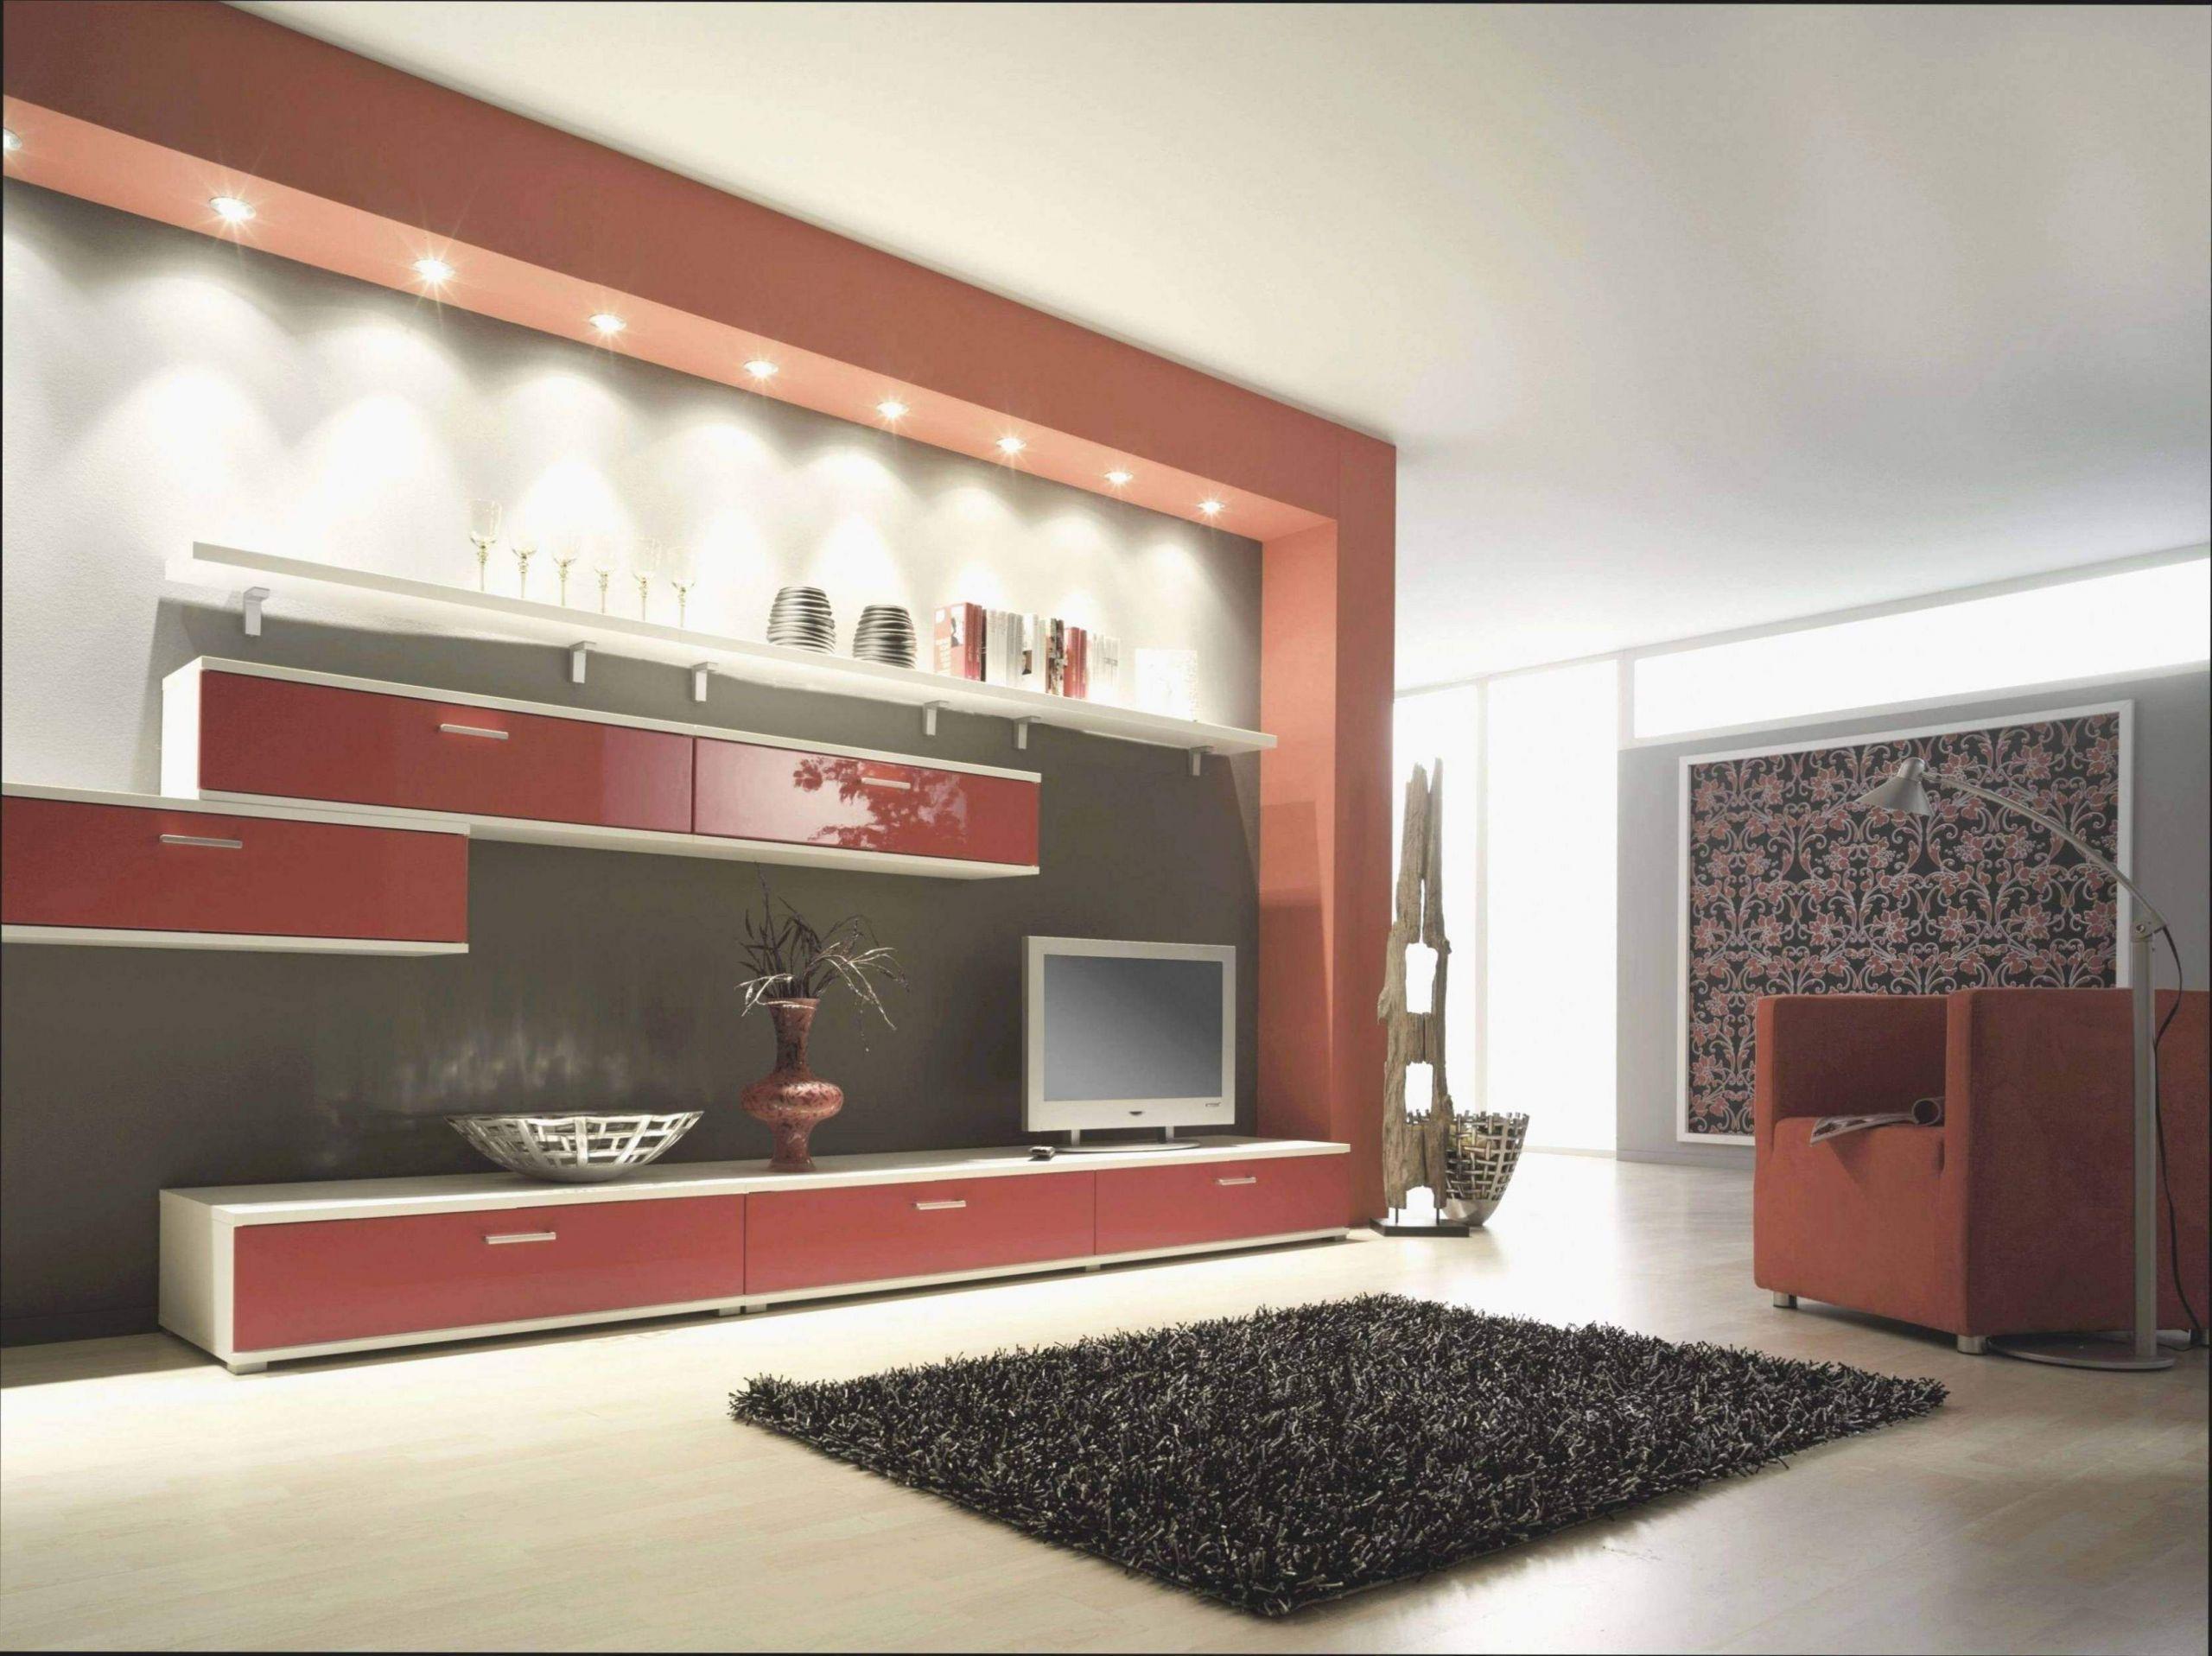 Full Size of Wohnzimmerlampen Ikea Led Beleuchtung Wohnzimmer Inspirierend Elegant Lampen Küche Kosten Betten Bei Kaufen 160x200 Miniküche Modulküche Sofa Mit Wohnzimmer Wohnzimmerlampen Ikea